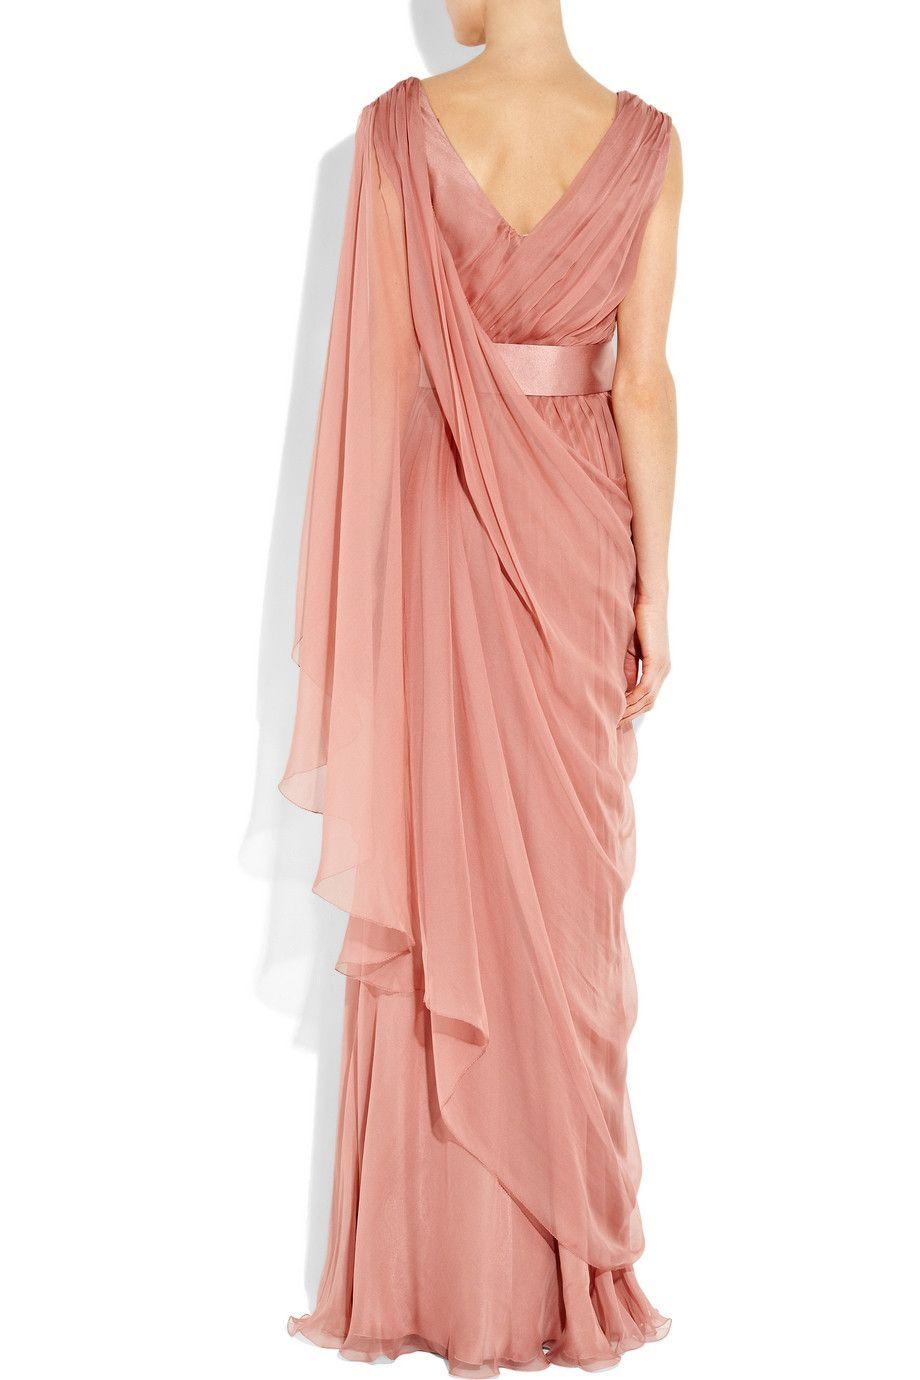 Alberta Ferretti | Pink Draped Silk-chiffon Gown | Lyst | miman ...